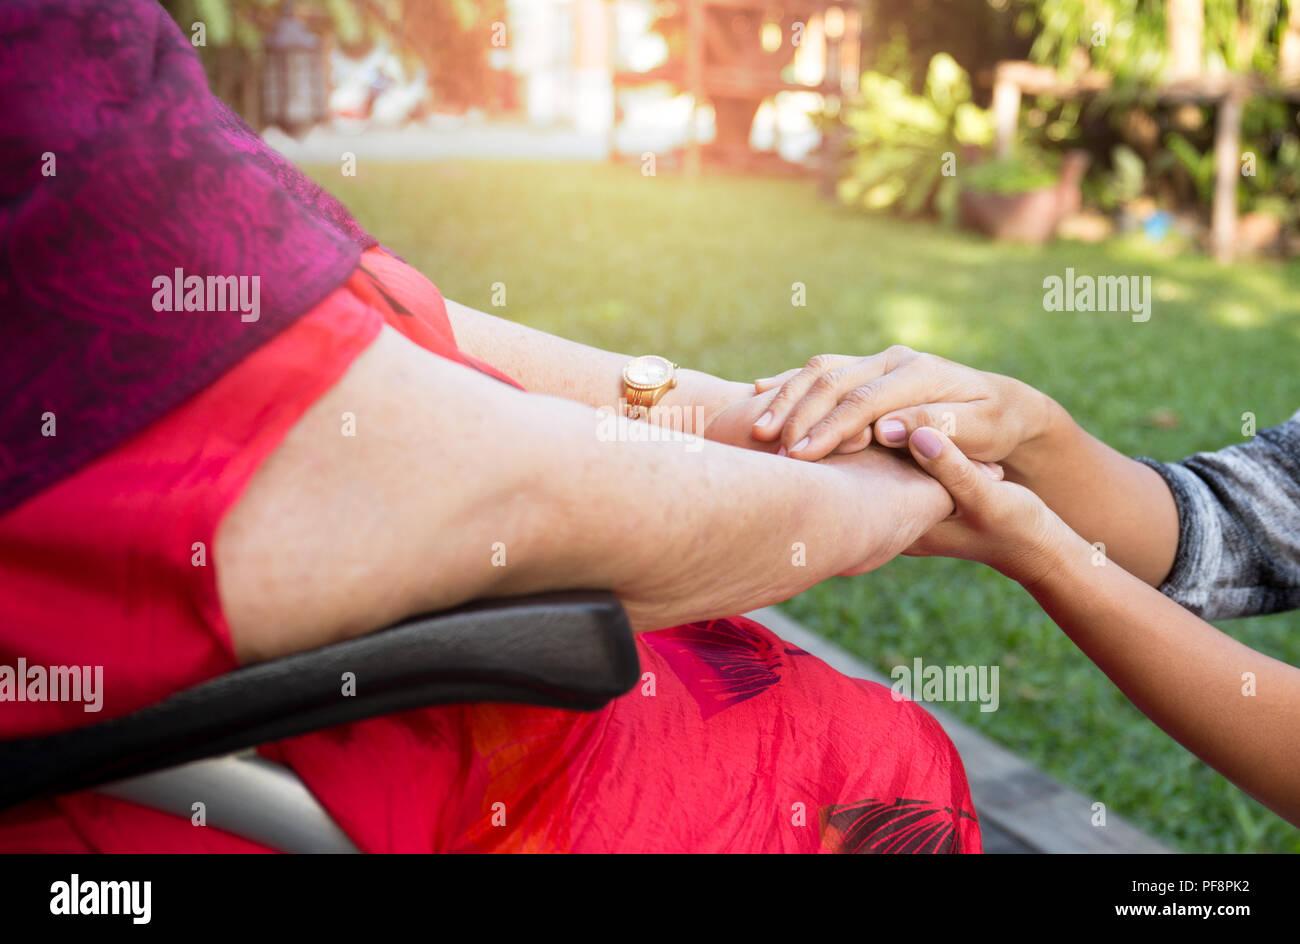 Poussant gardien senior woman en fauteuil roulant Photo Stock